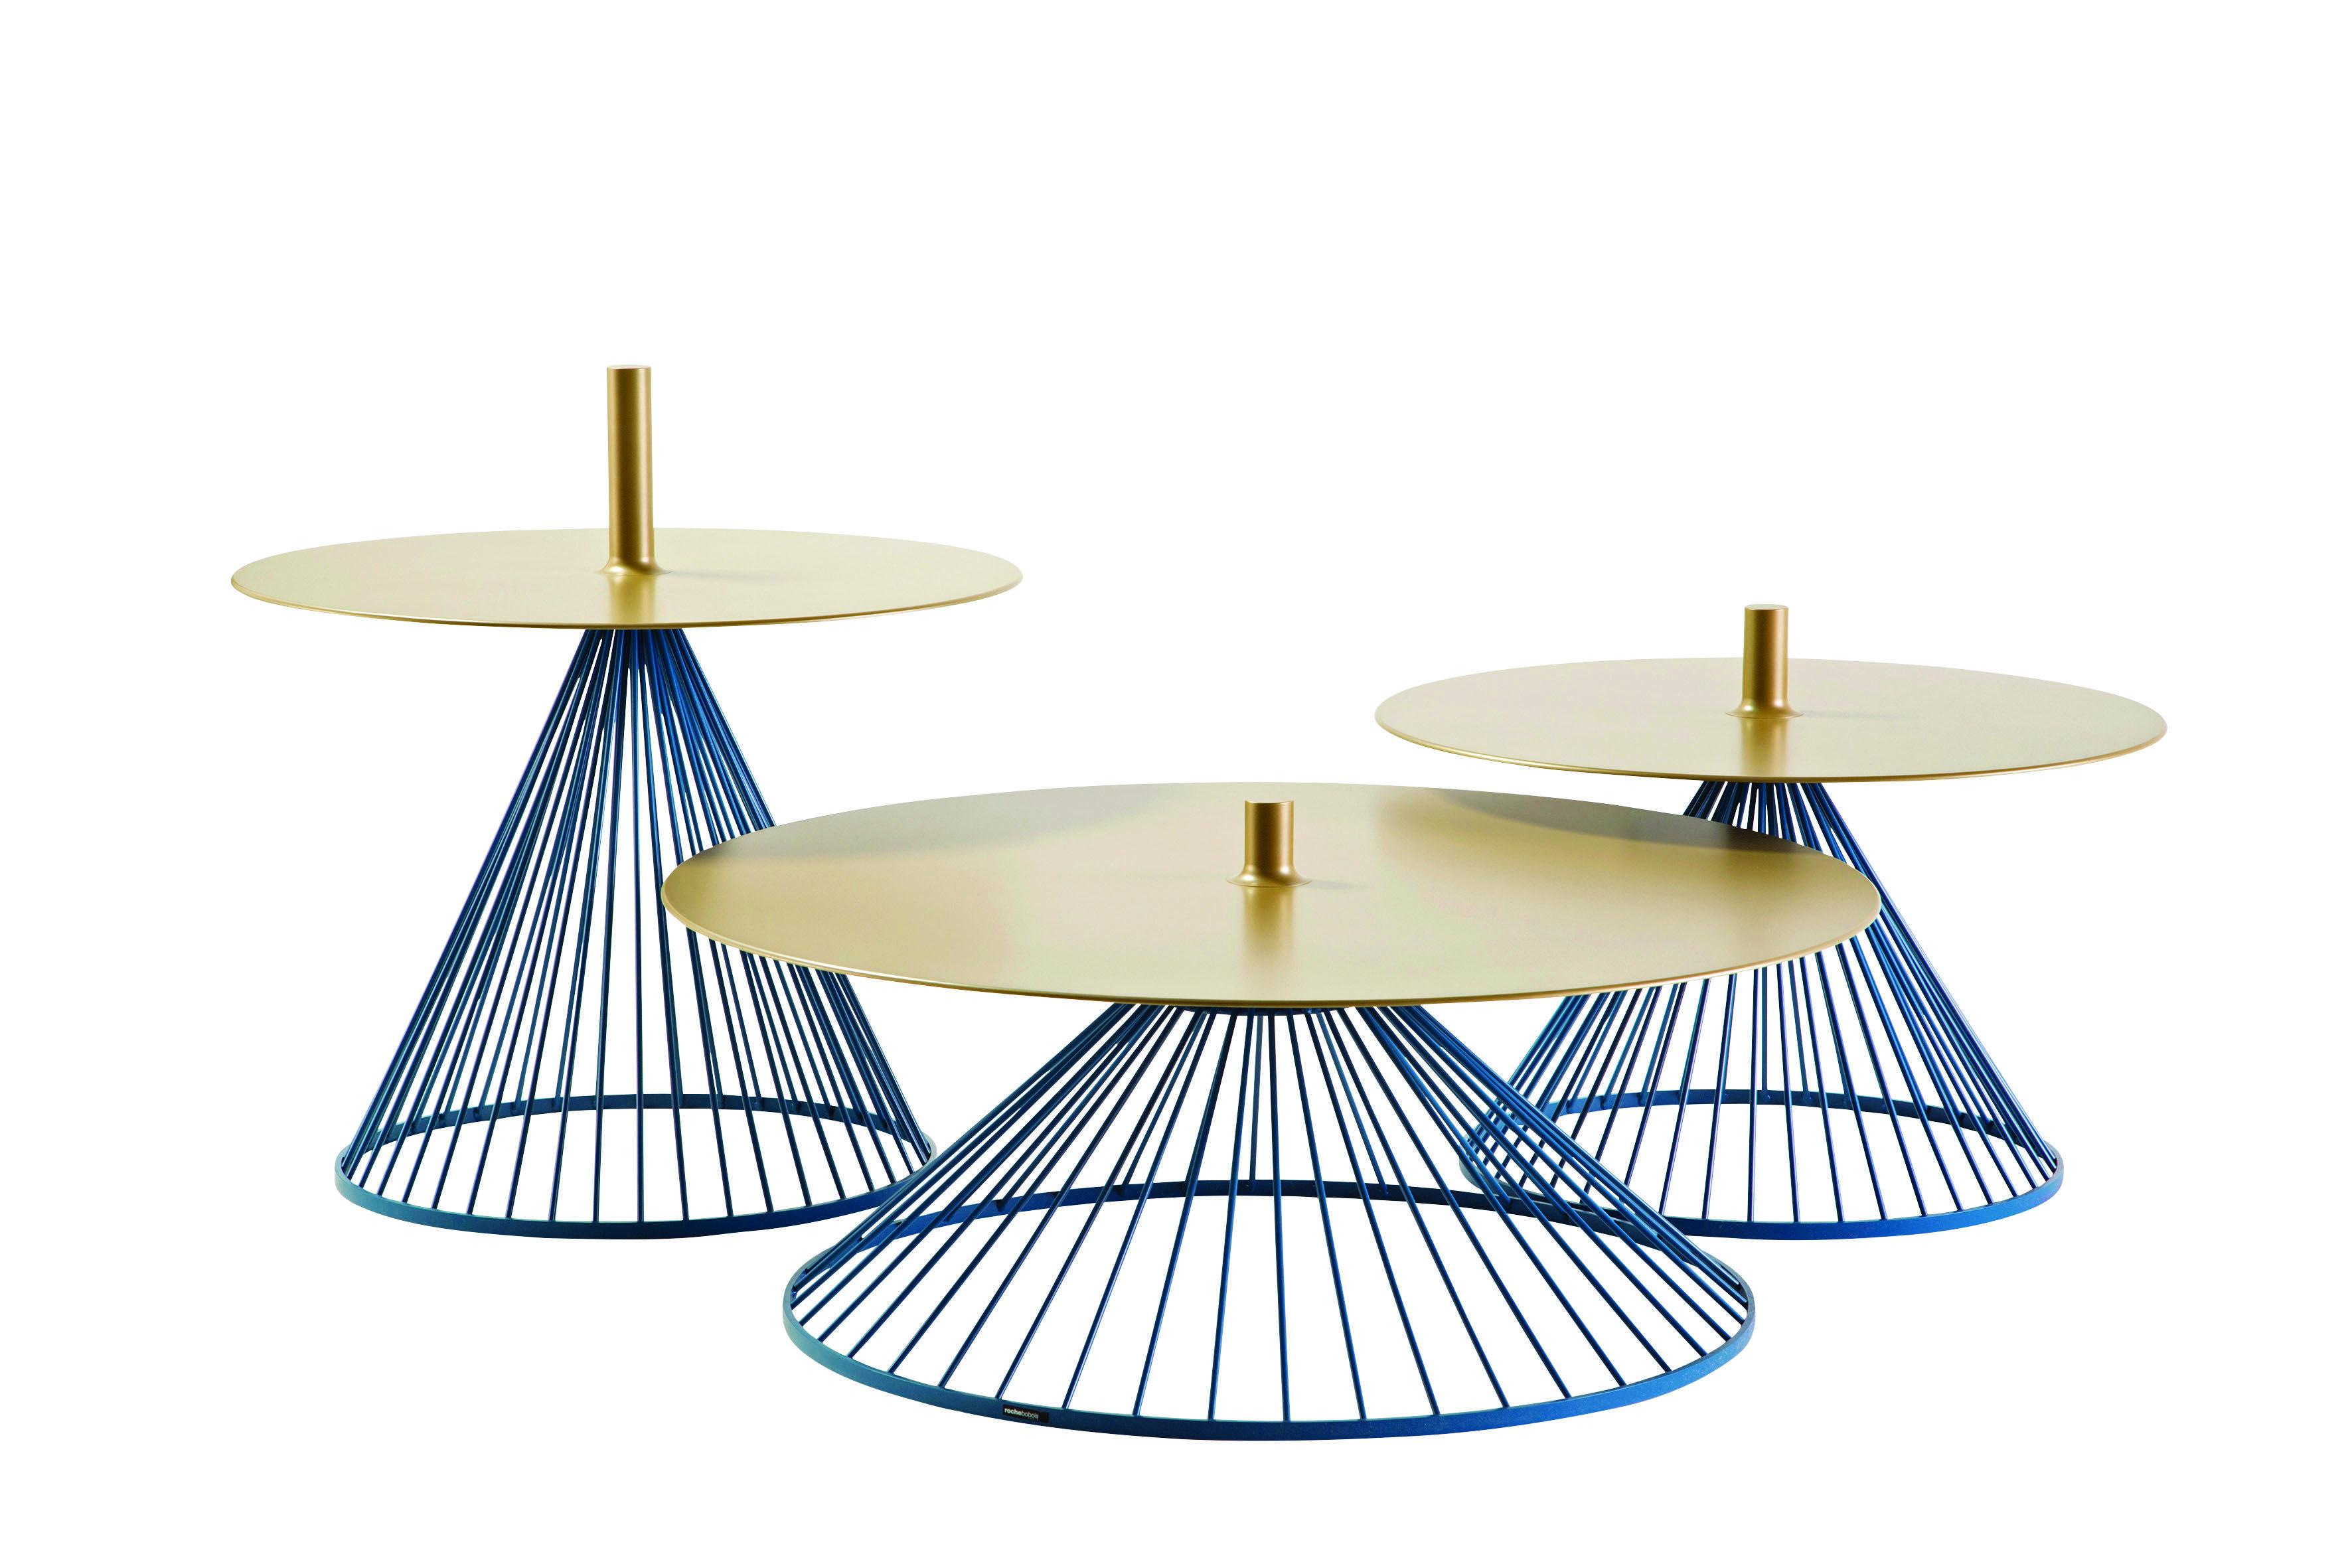 c81625fb4deec89f2e975d7ed20cb7fd Impressionnant De Tables Basses Roche Bobois Des Idées